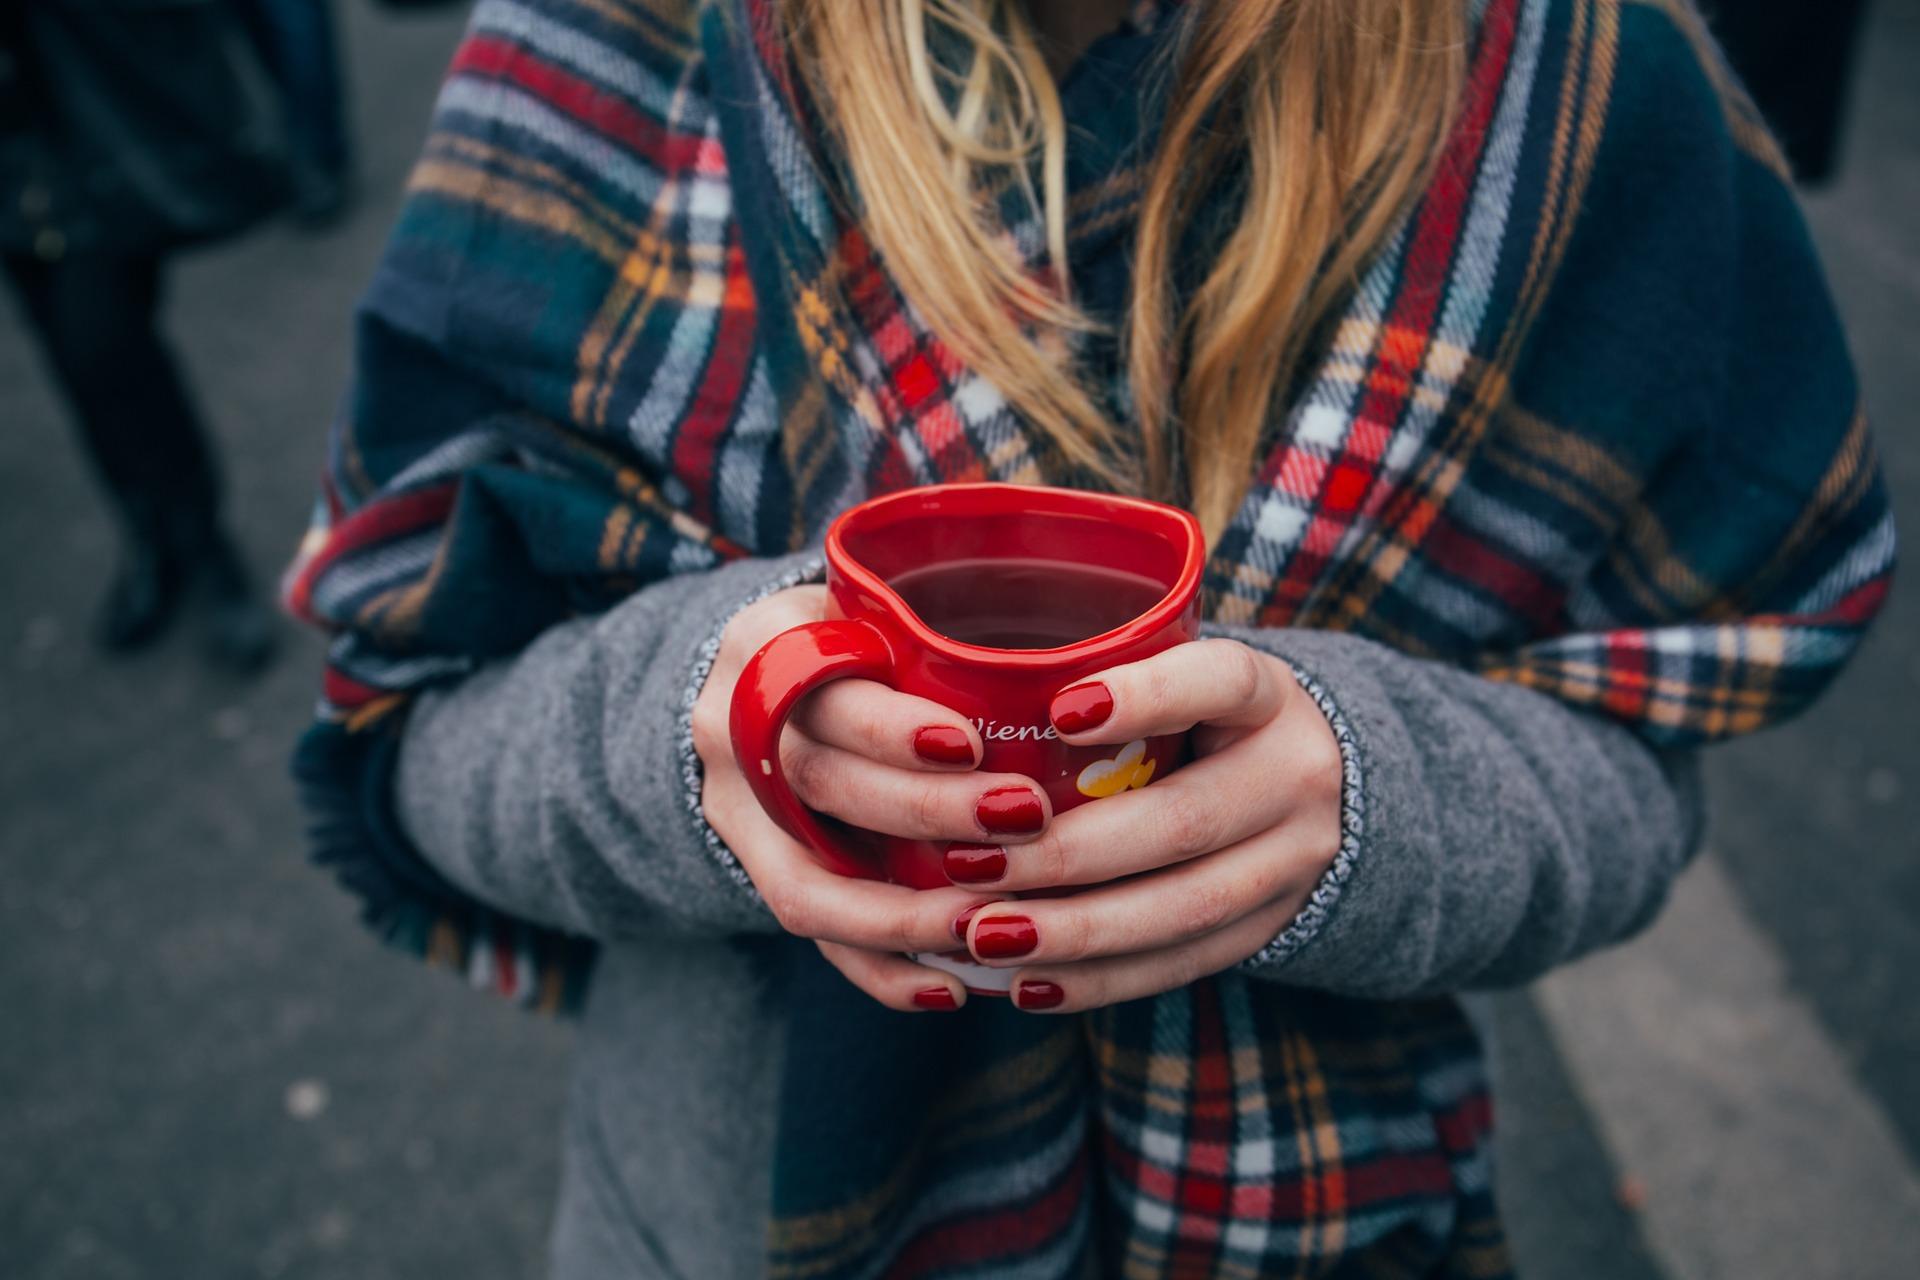 taza, café, mujer, bufanda, manos, uñas, bebidas, rojo - Fondos de Pantalla HD - professor-falken.com